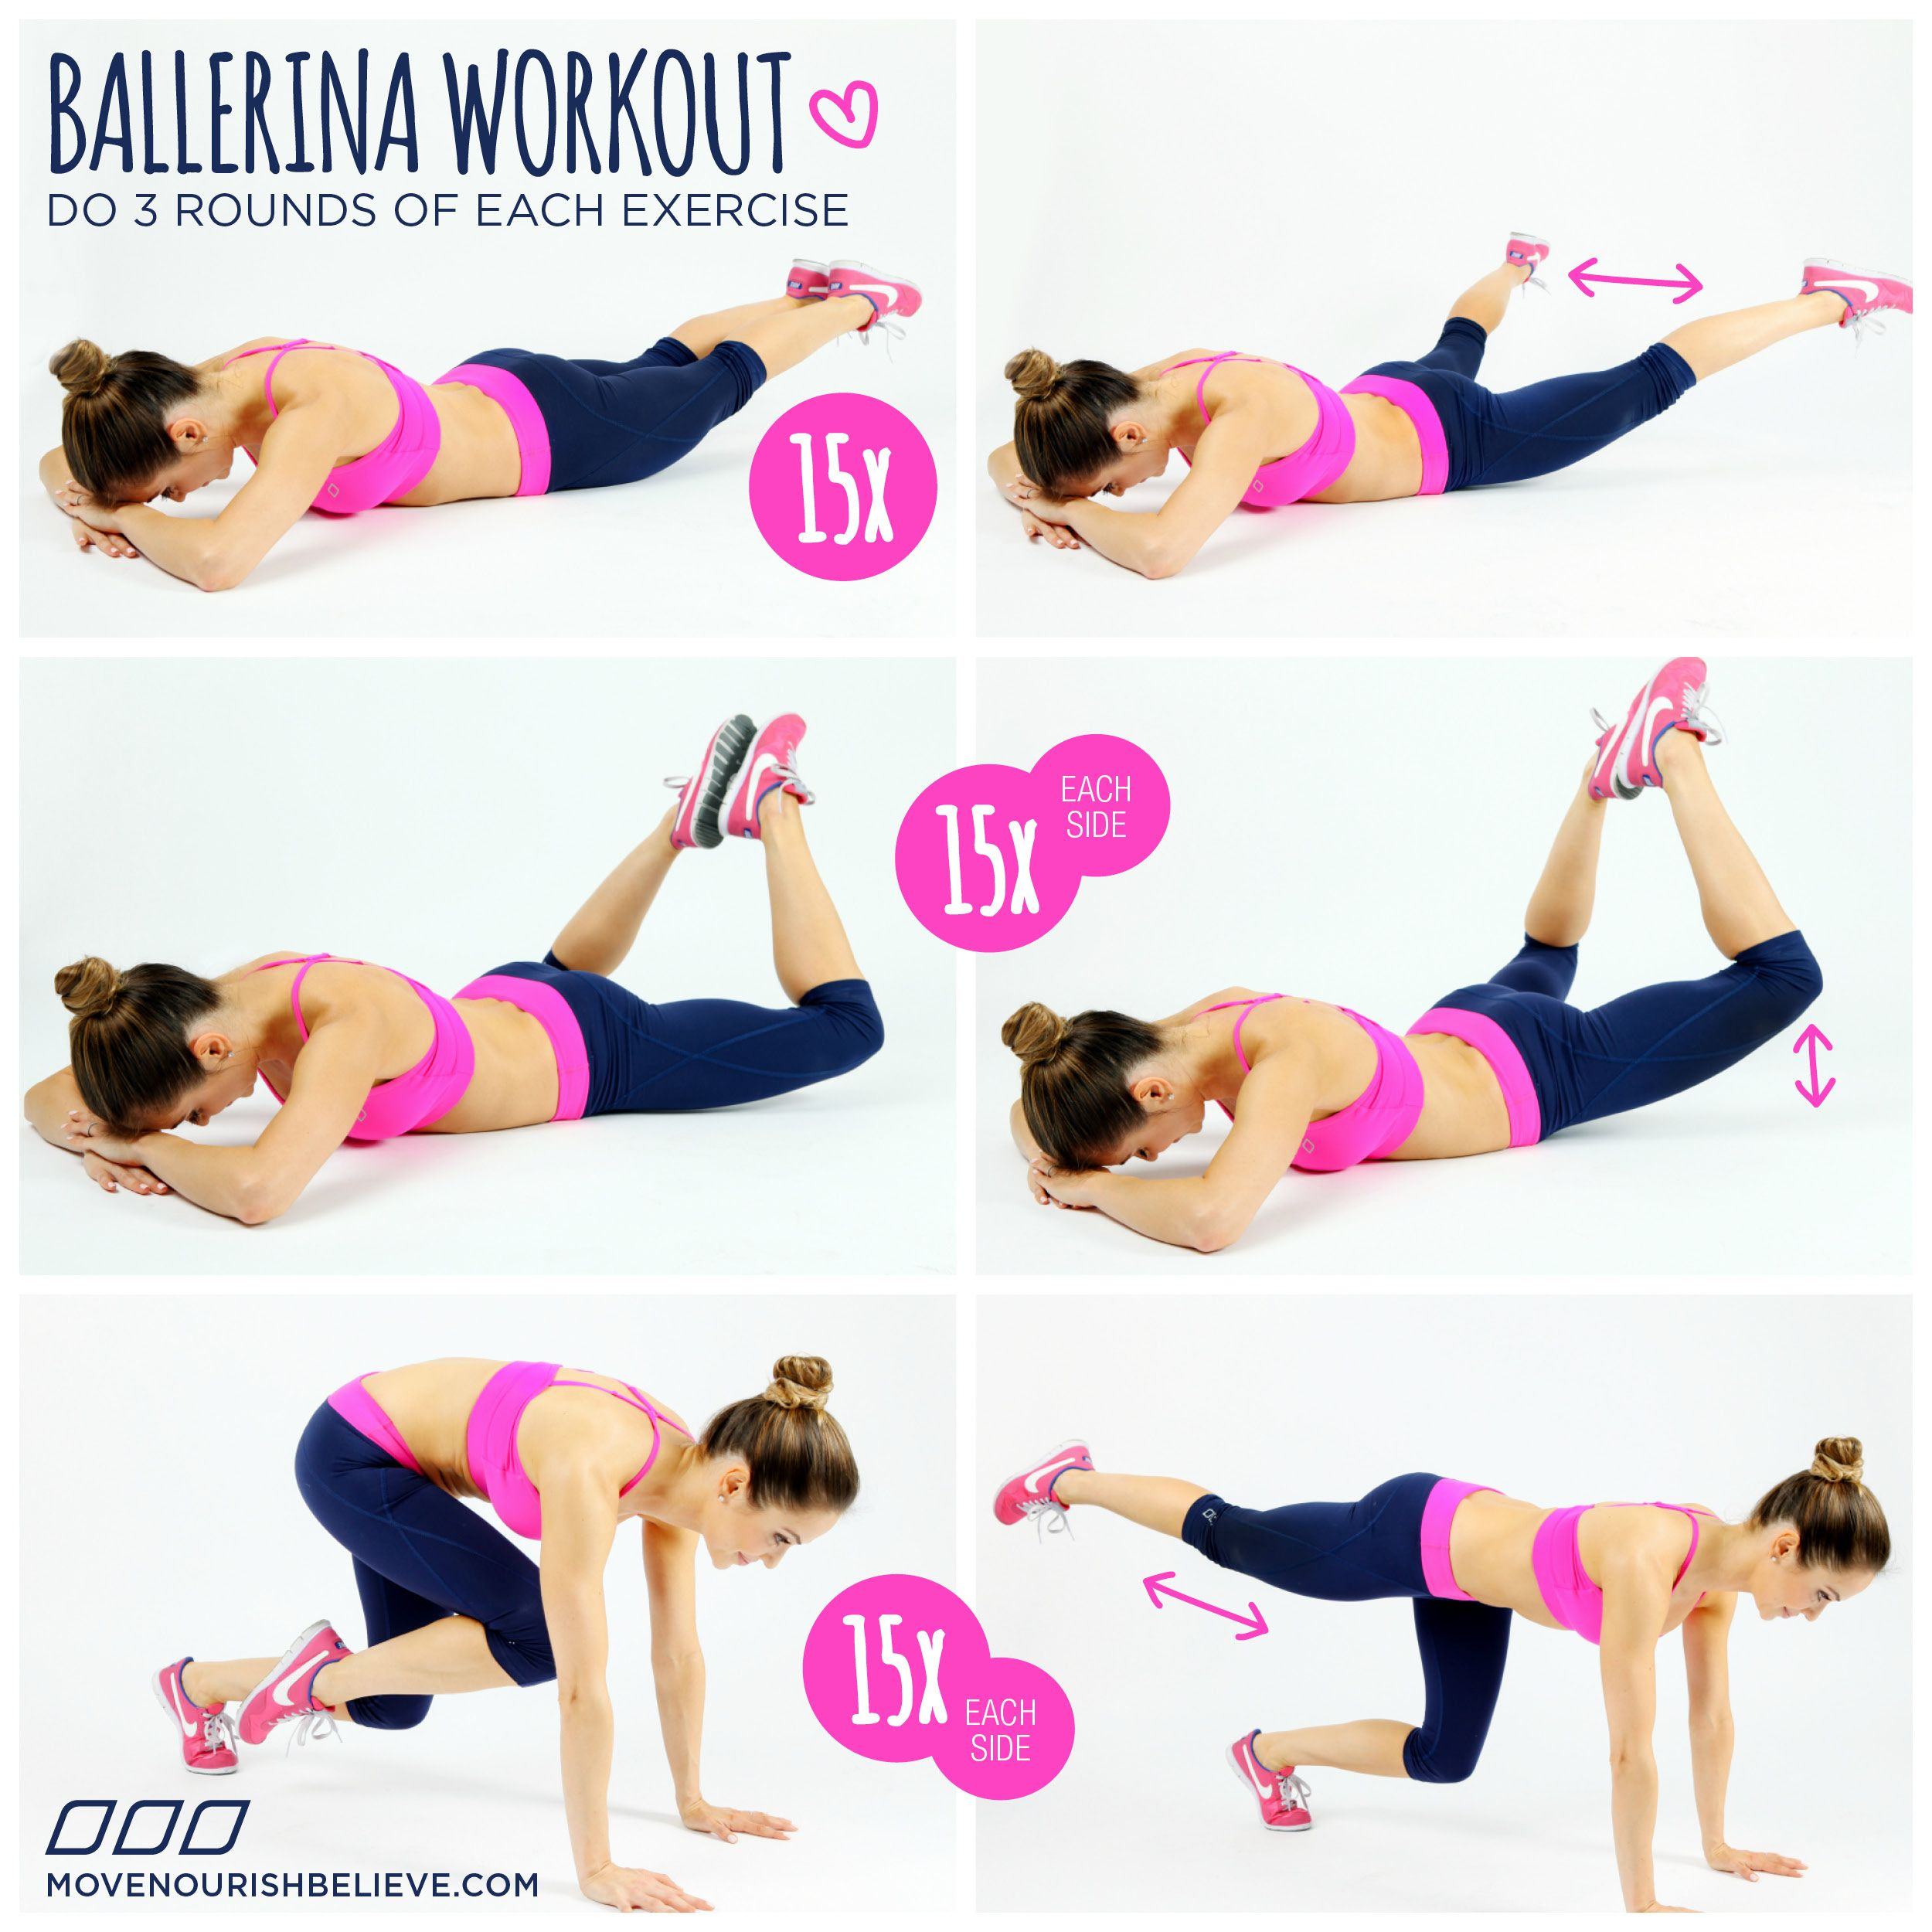 Ballerina workout! #ballerina #fitness